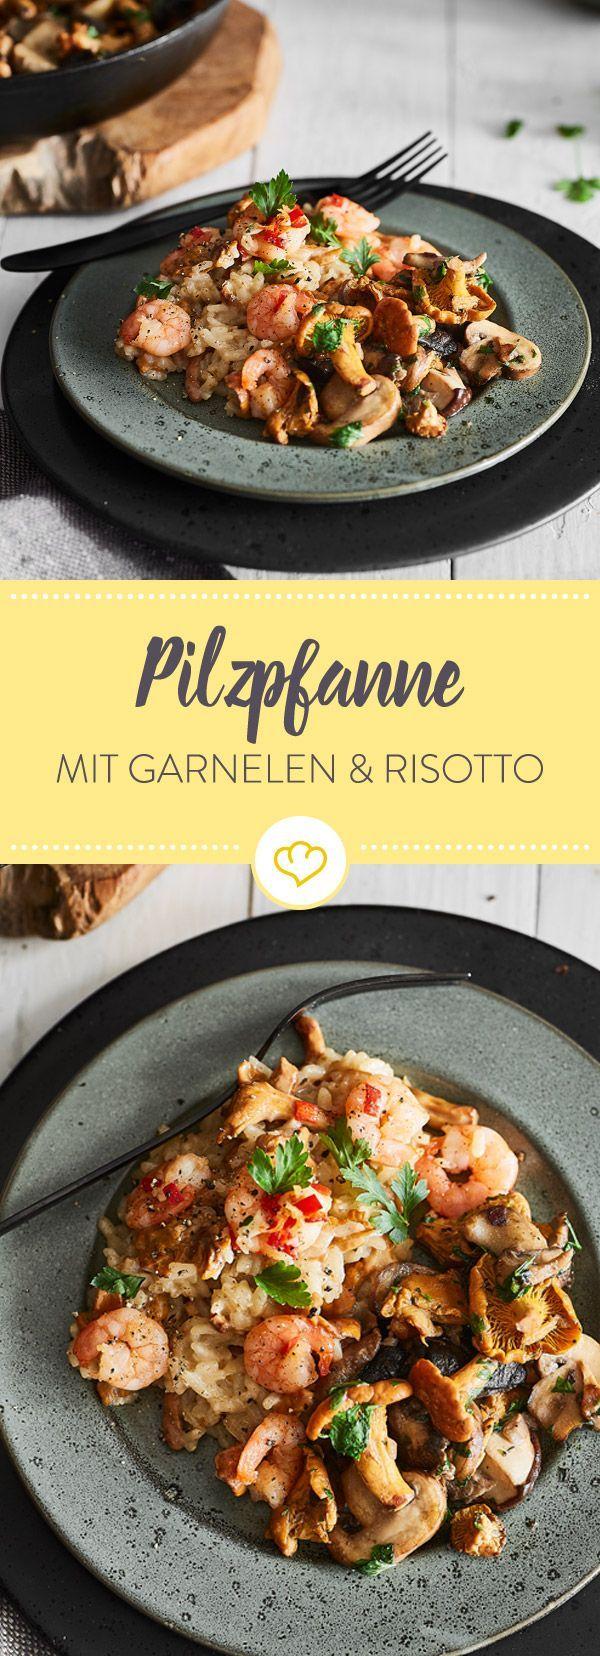 Feier den Spätsommer mit einer gemischten Pilzpfanne, cremigem Pfifferlingrisotto und scharf angebratenen Garnelen - und vielleicht einem Glas Wein...